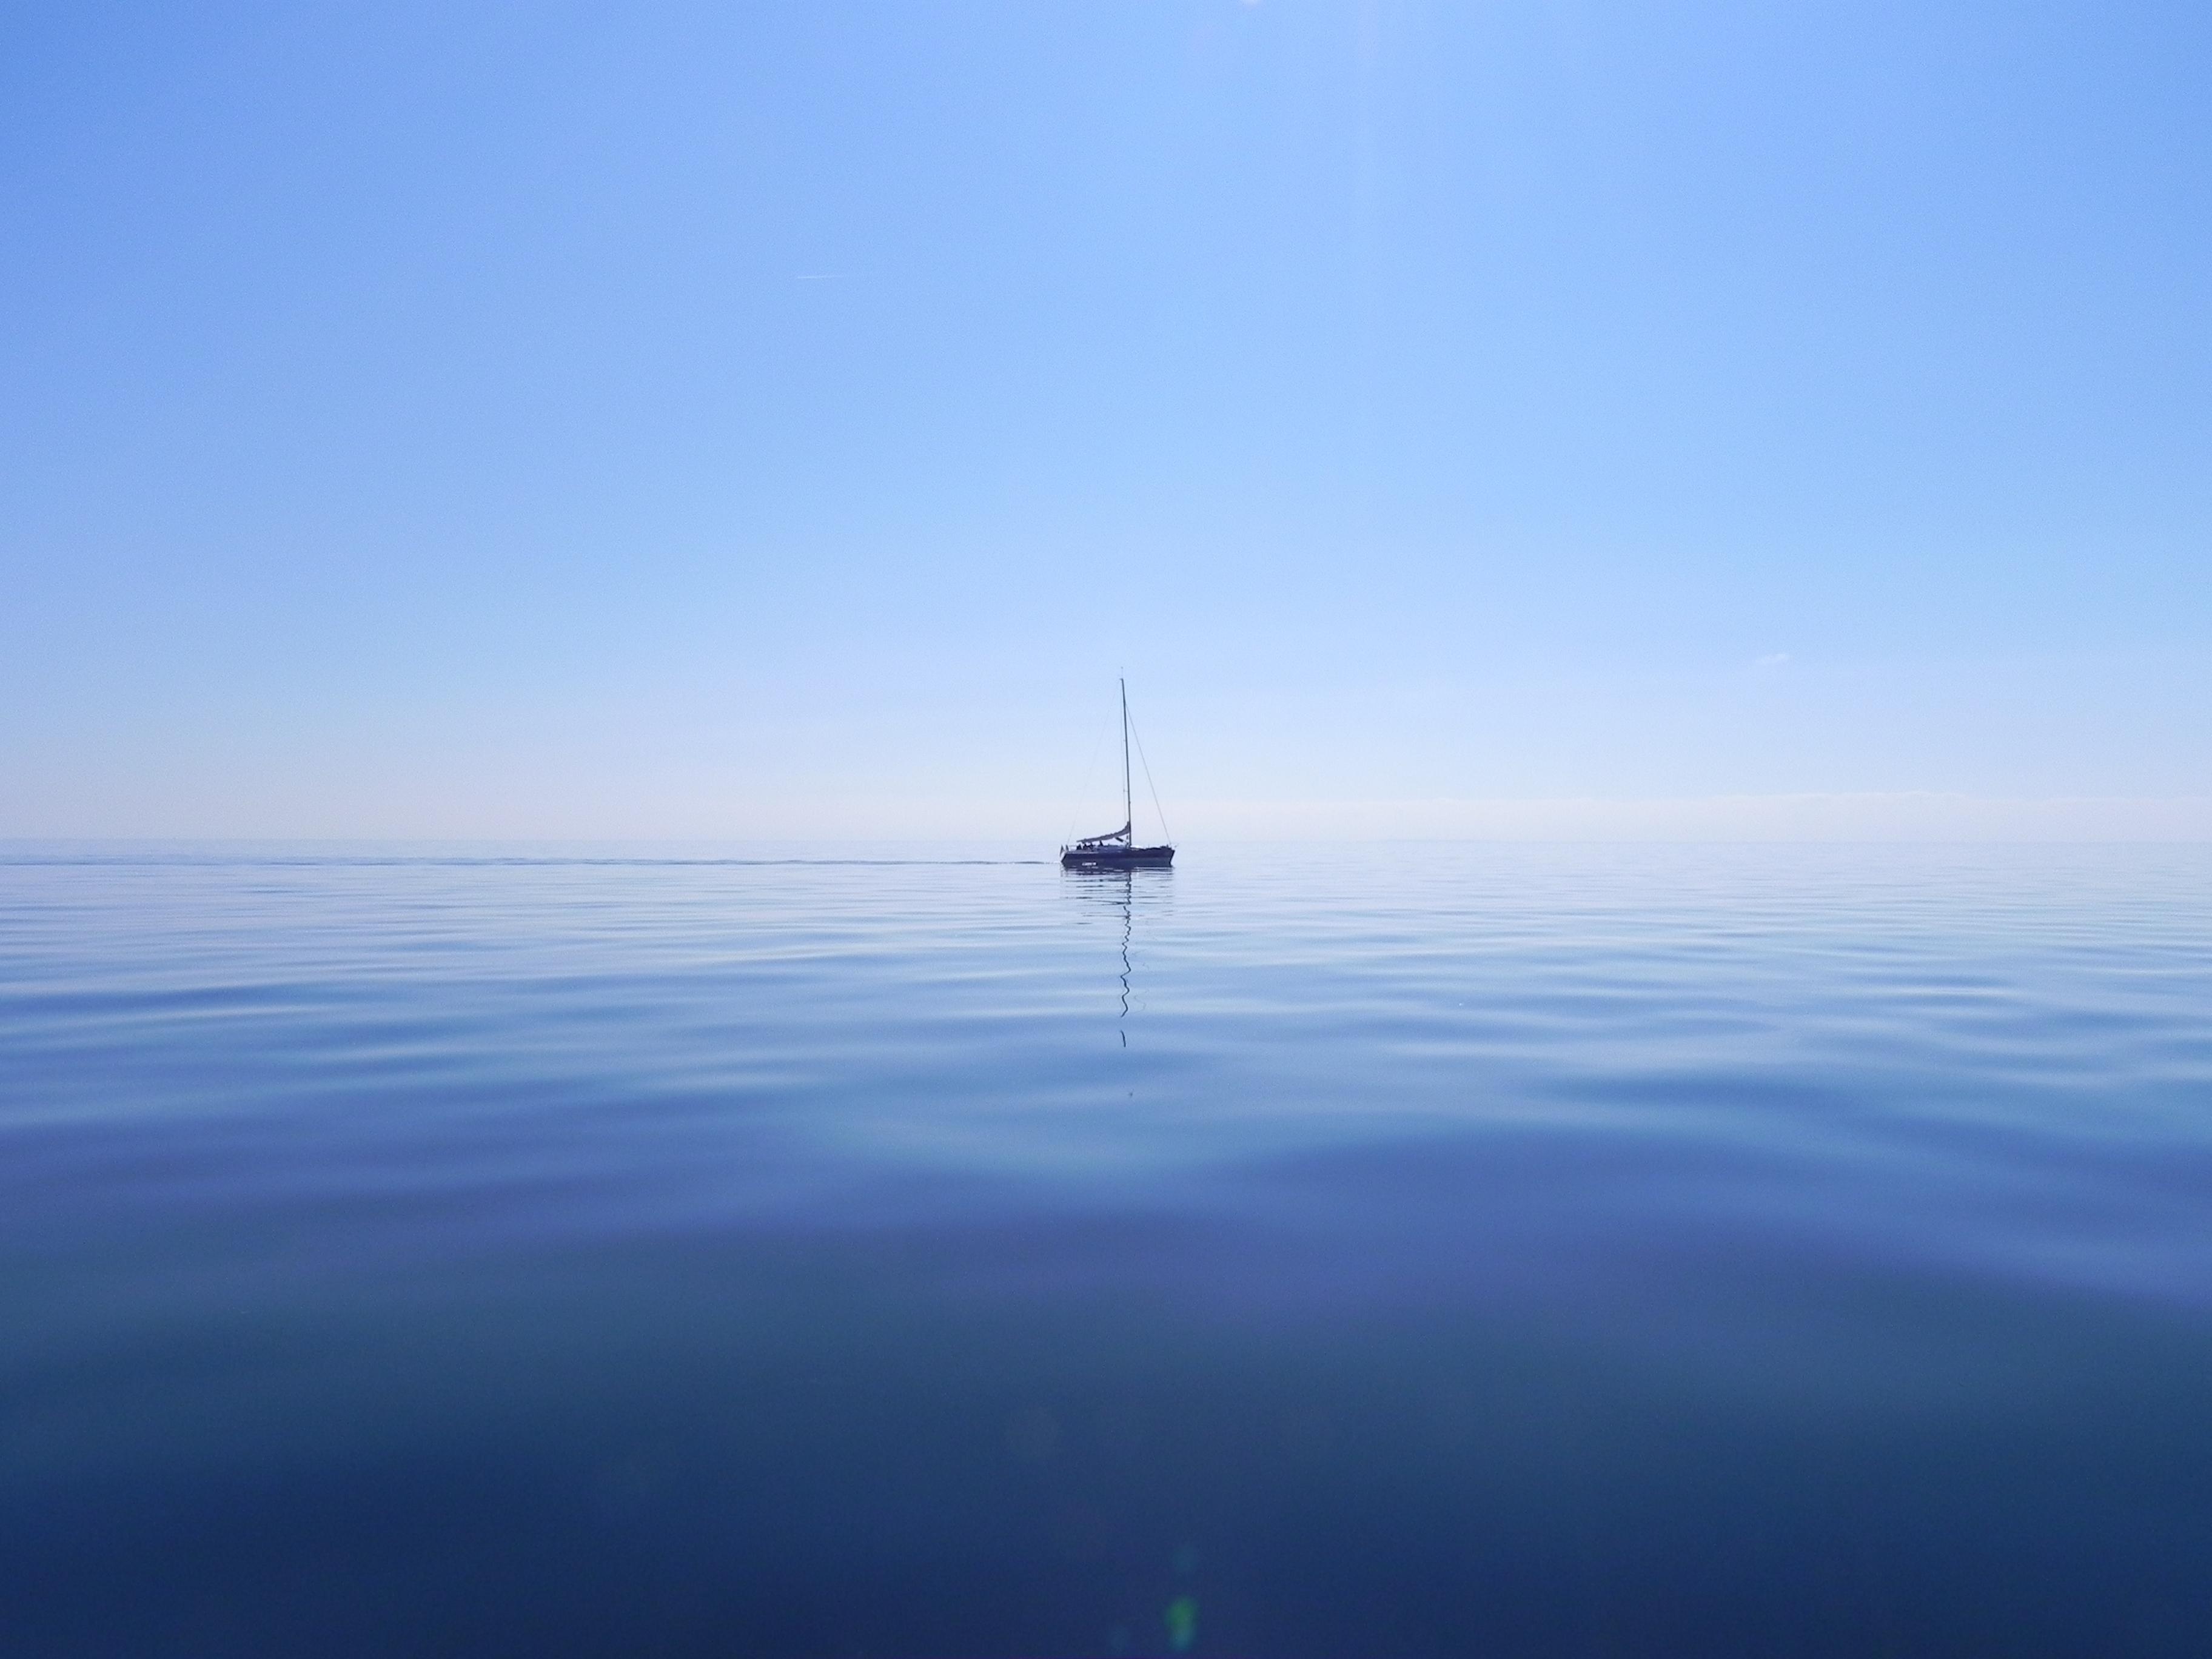 Barcă, plutind pe mare. Imagine ilustrativă